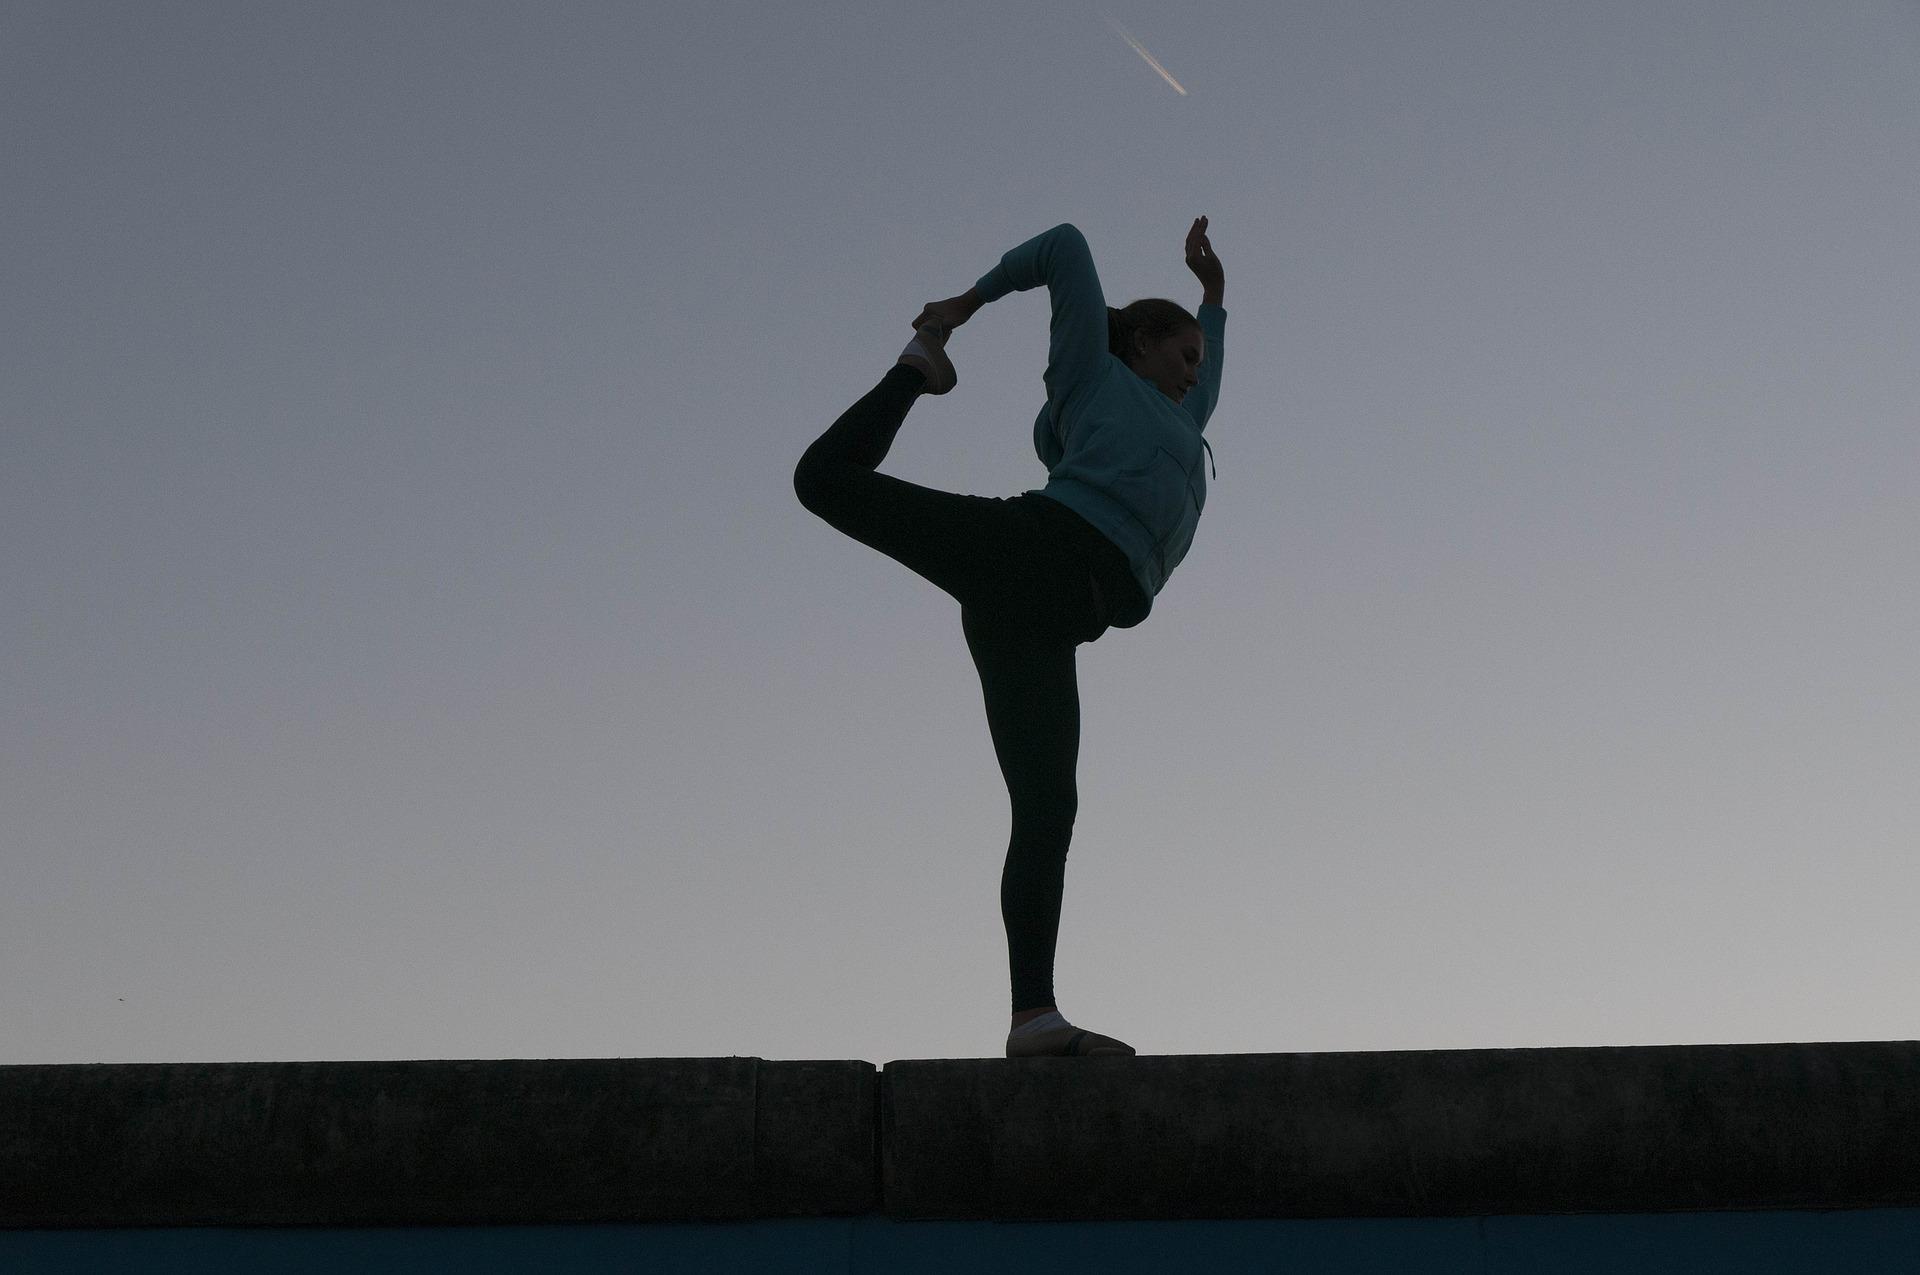 O treinamento de força pode aumentar sua flexibilidade. Mas isso não é exatamente bom.